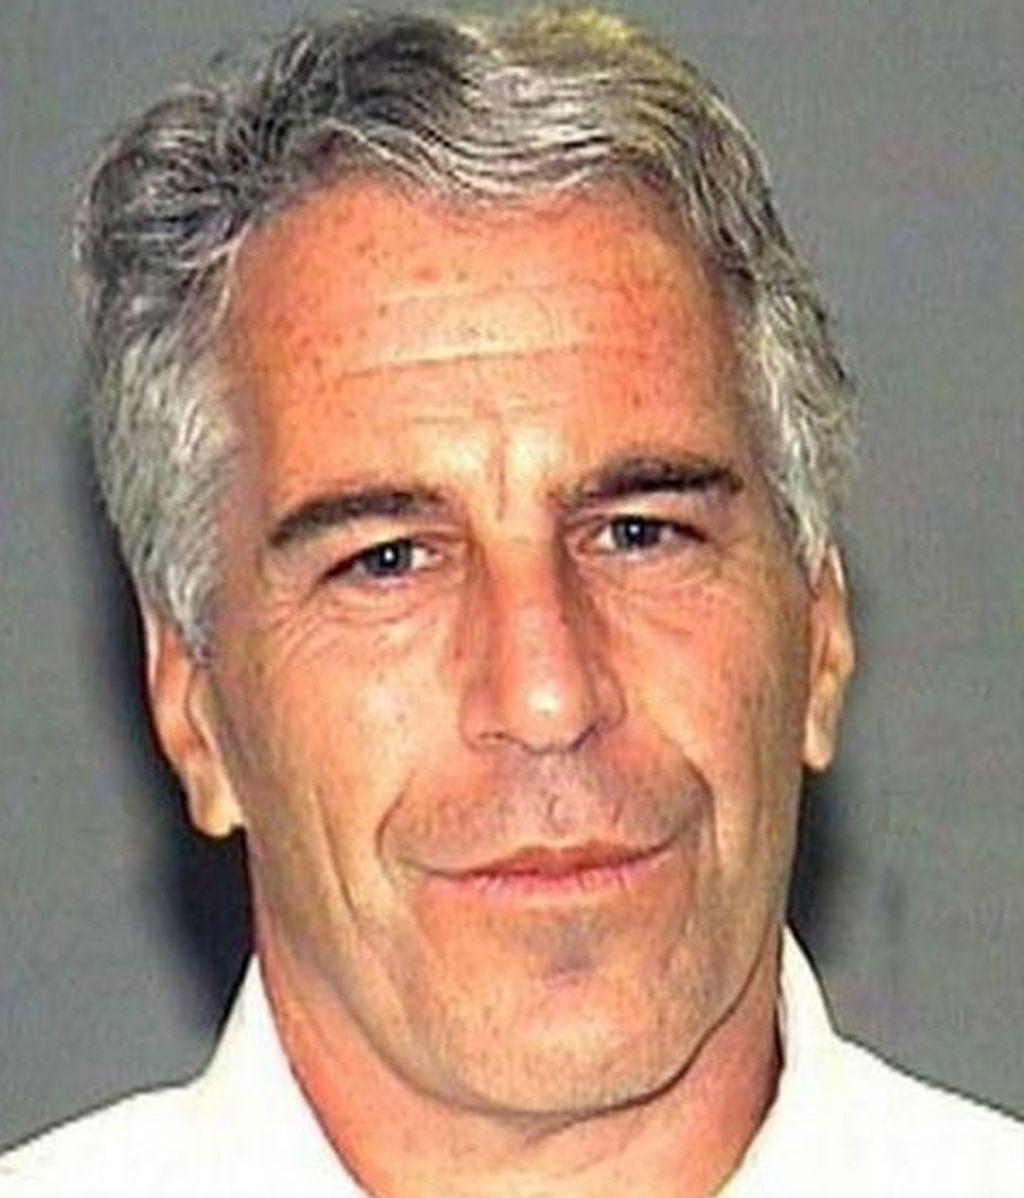 La isla de las orgías de Epstein: que te atacara un tiburón era mejor que eso